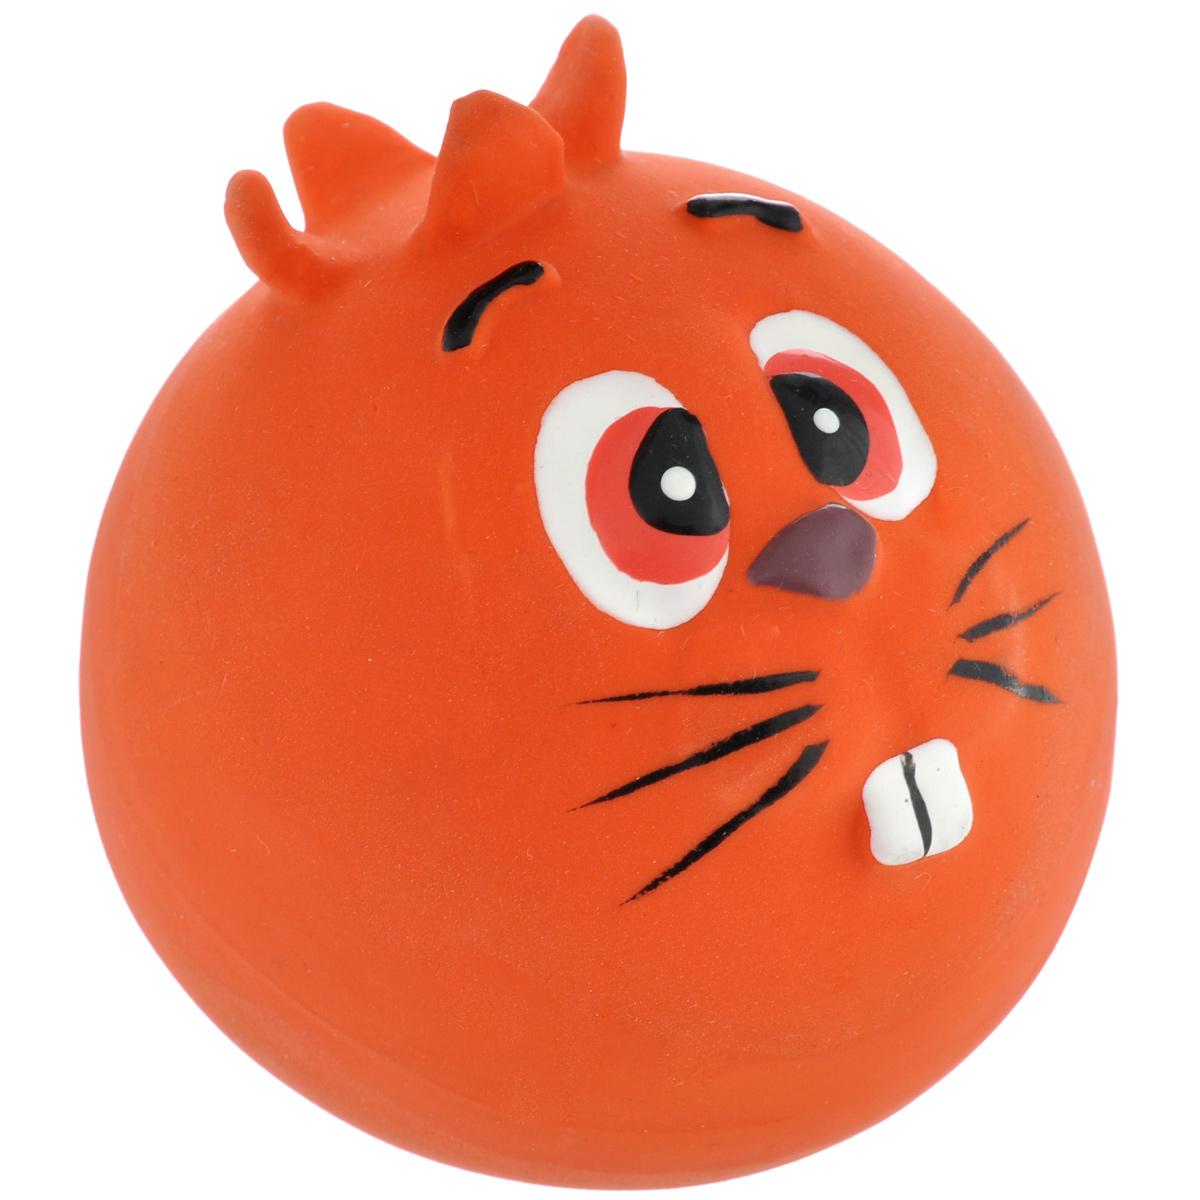 Игрушка для собак I.P.T.S. Мяч с мордочкой, цвет: красный, диаметр 7 см430238Игрушка для собак I.P.T.S. Мяч с мордочкой, изготовленная из высококачественного латекса, выполнена в виде мячика с милой мордочкой. Такая игрушка порадует вашего любимца, а вам доставит массу приятных эмоций, ведь наблюдать за игрой всегда интересно и приятно. Оставшись в одиночестве, ваша собака будет увлеченно играть.Диаметр: 7 см.